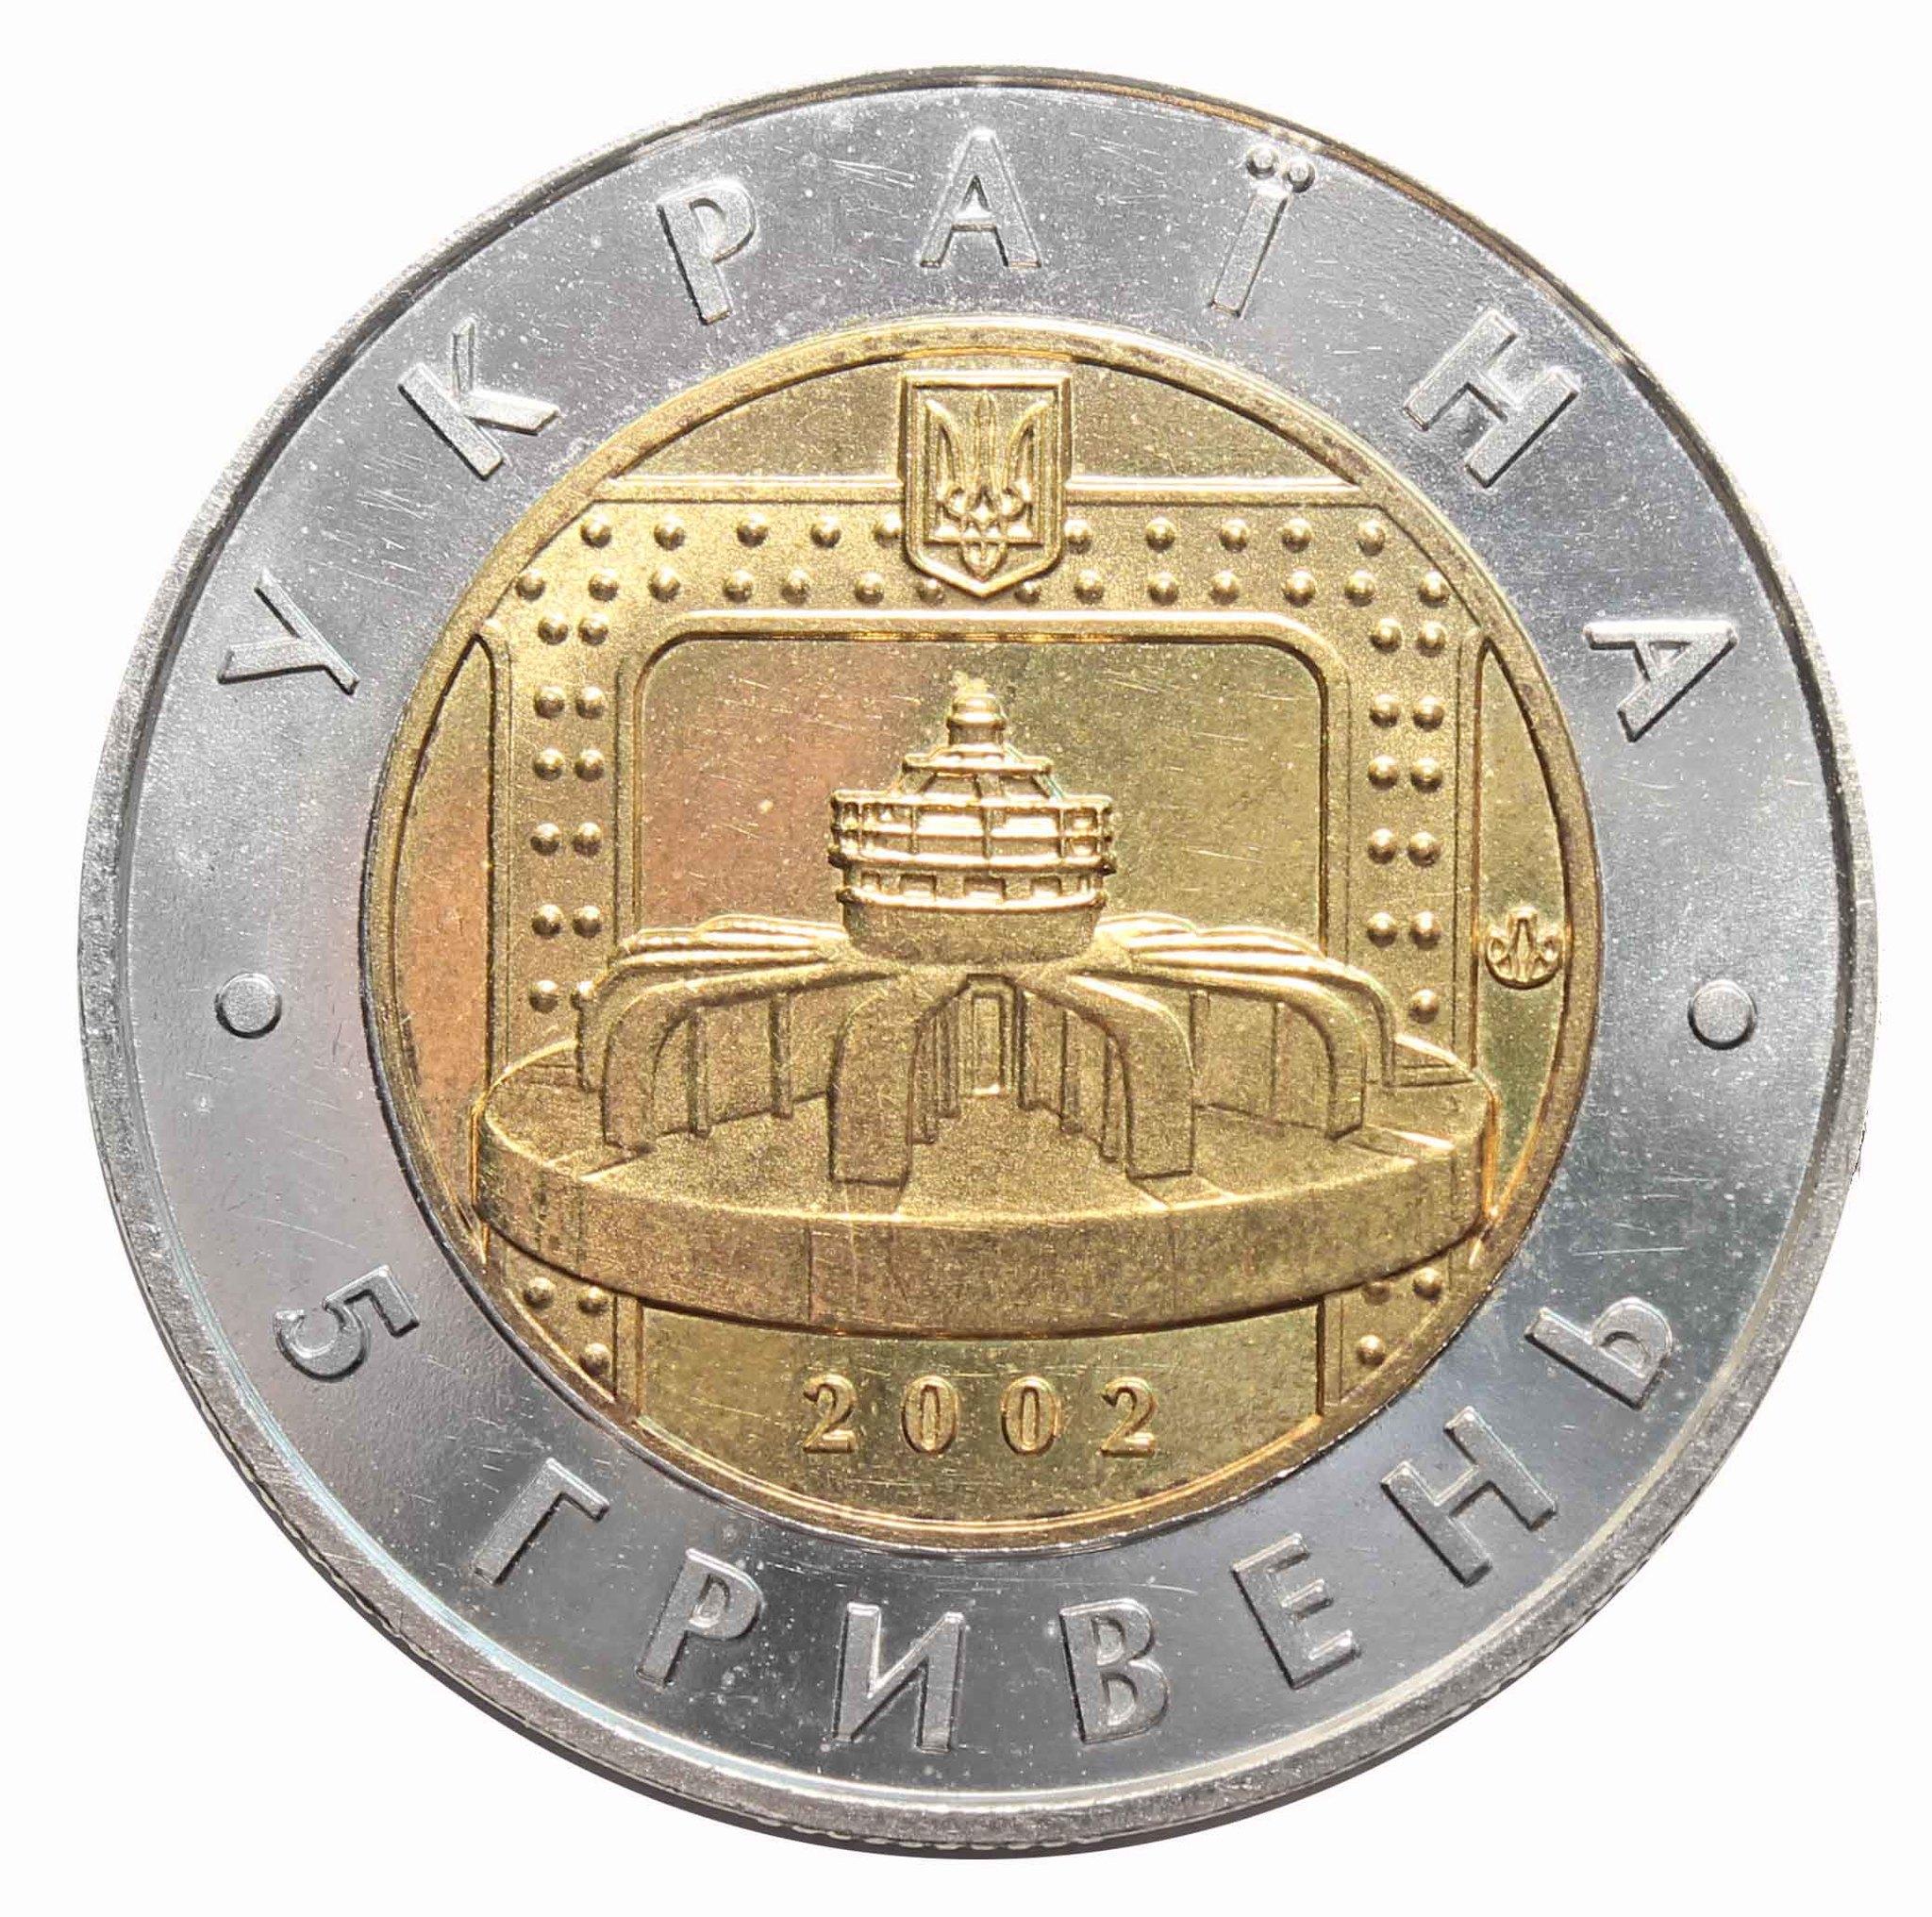 """5 гривен """"70-летие Днепровской ГЭС"""" 2002 год"""